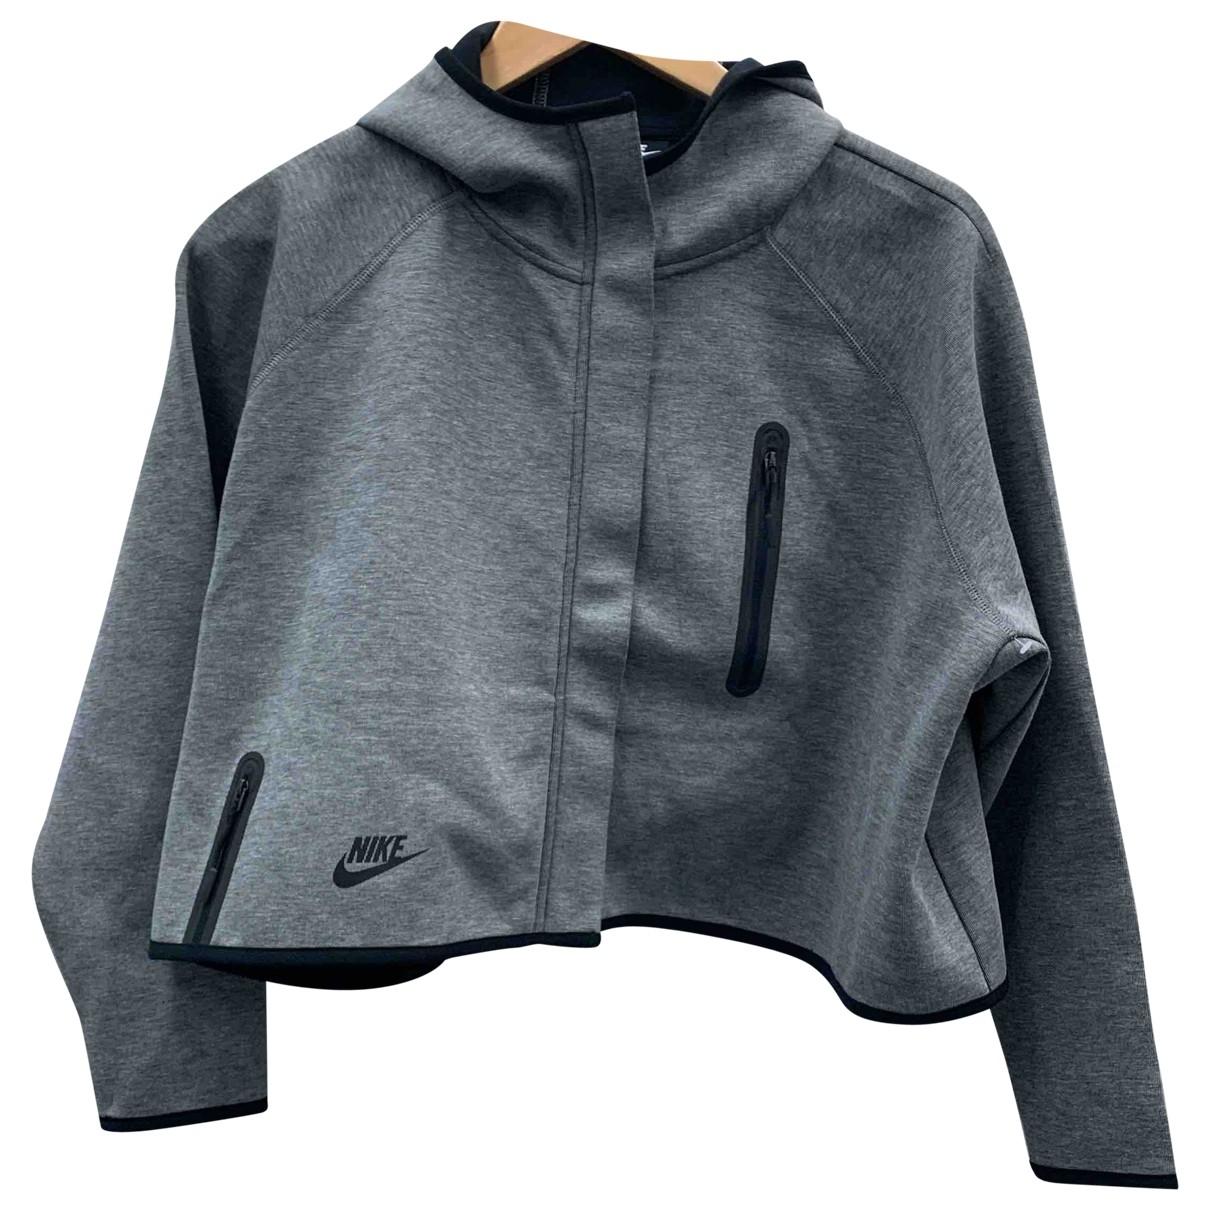 Nike \N Jacke in  Grau Baumwolle